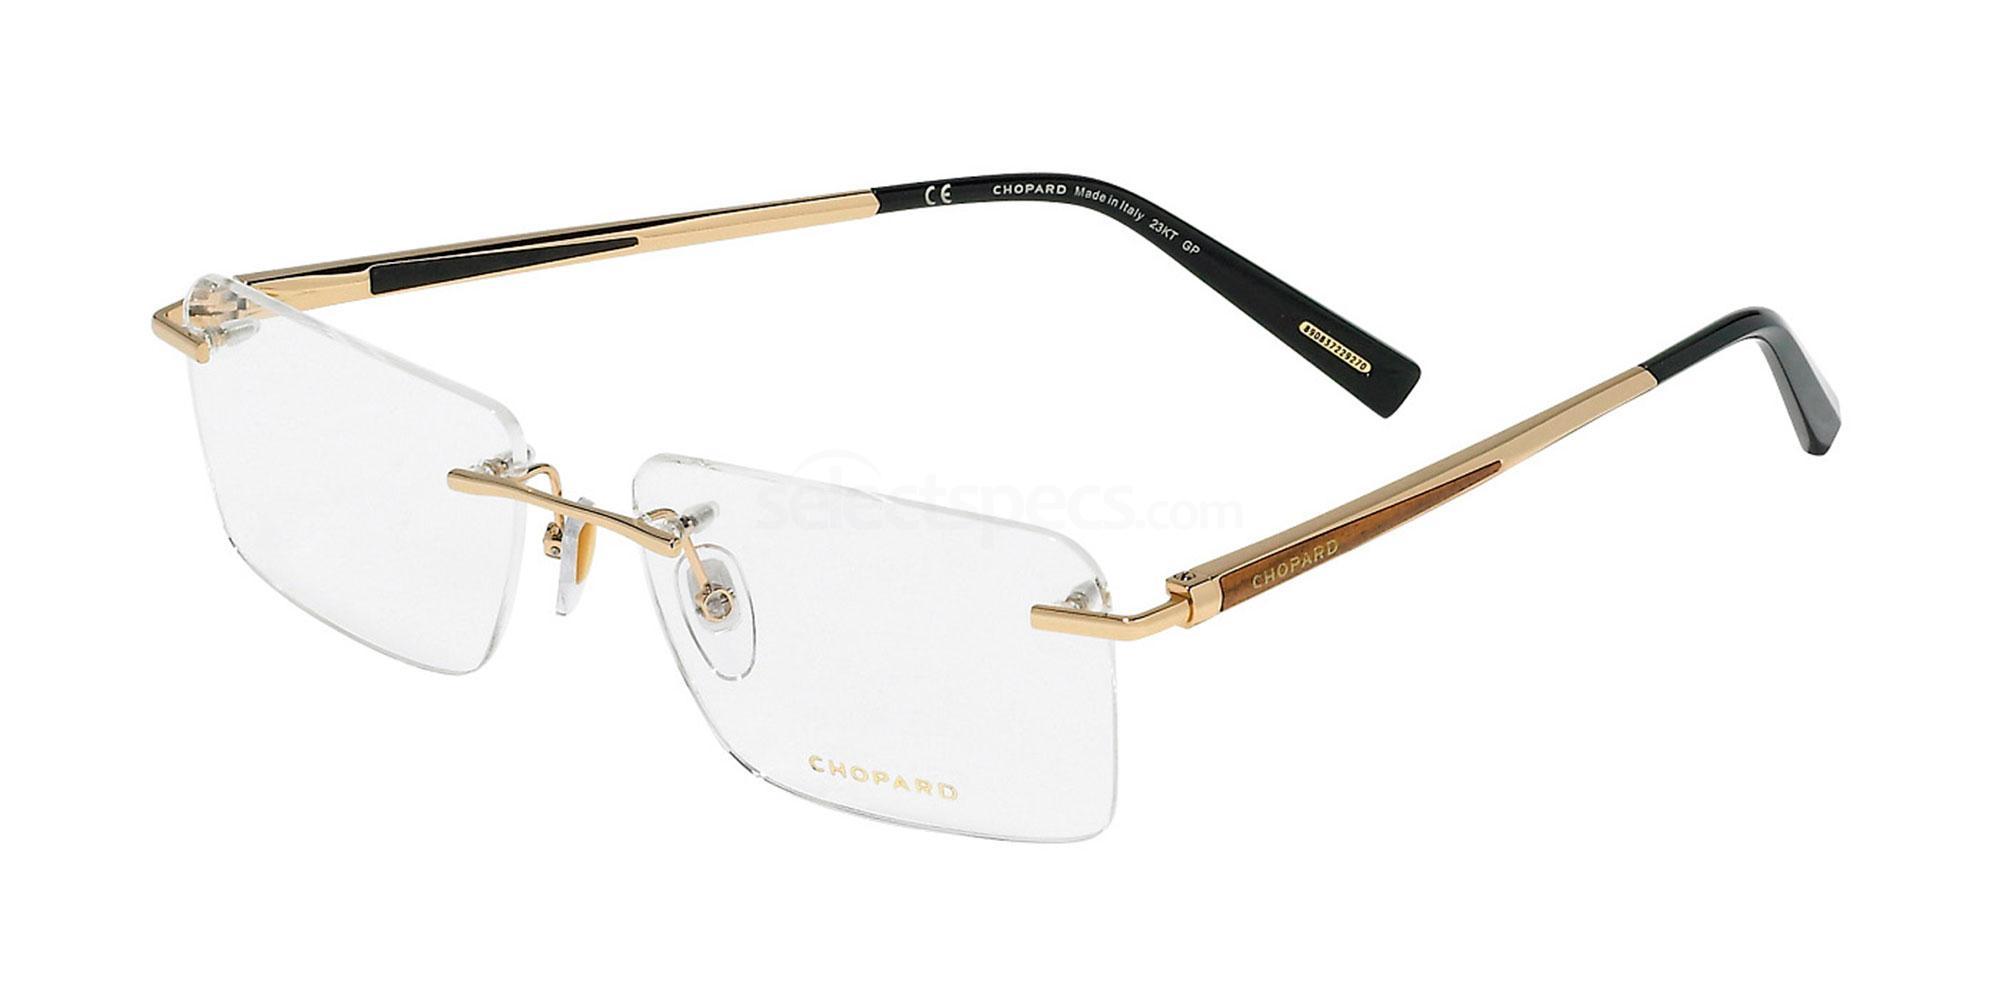 0300 VCHD20 Glasses, Chopard